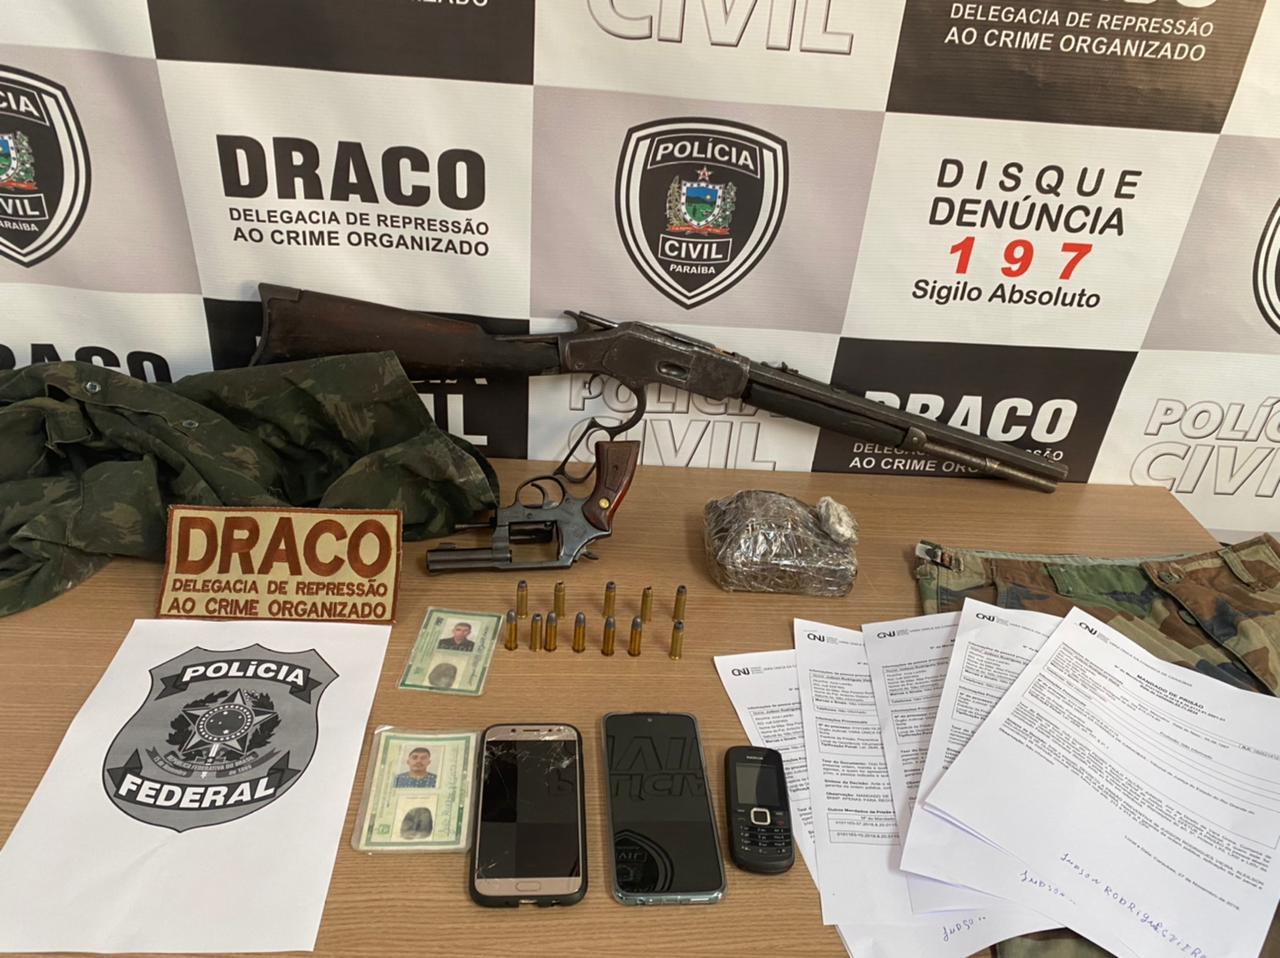 WhatsApp Image 2021 07 01 at 15.10.58 - PF prende em João Pessoa suspeito de matar policial militar no Rio Grande do Norte